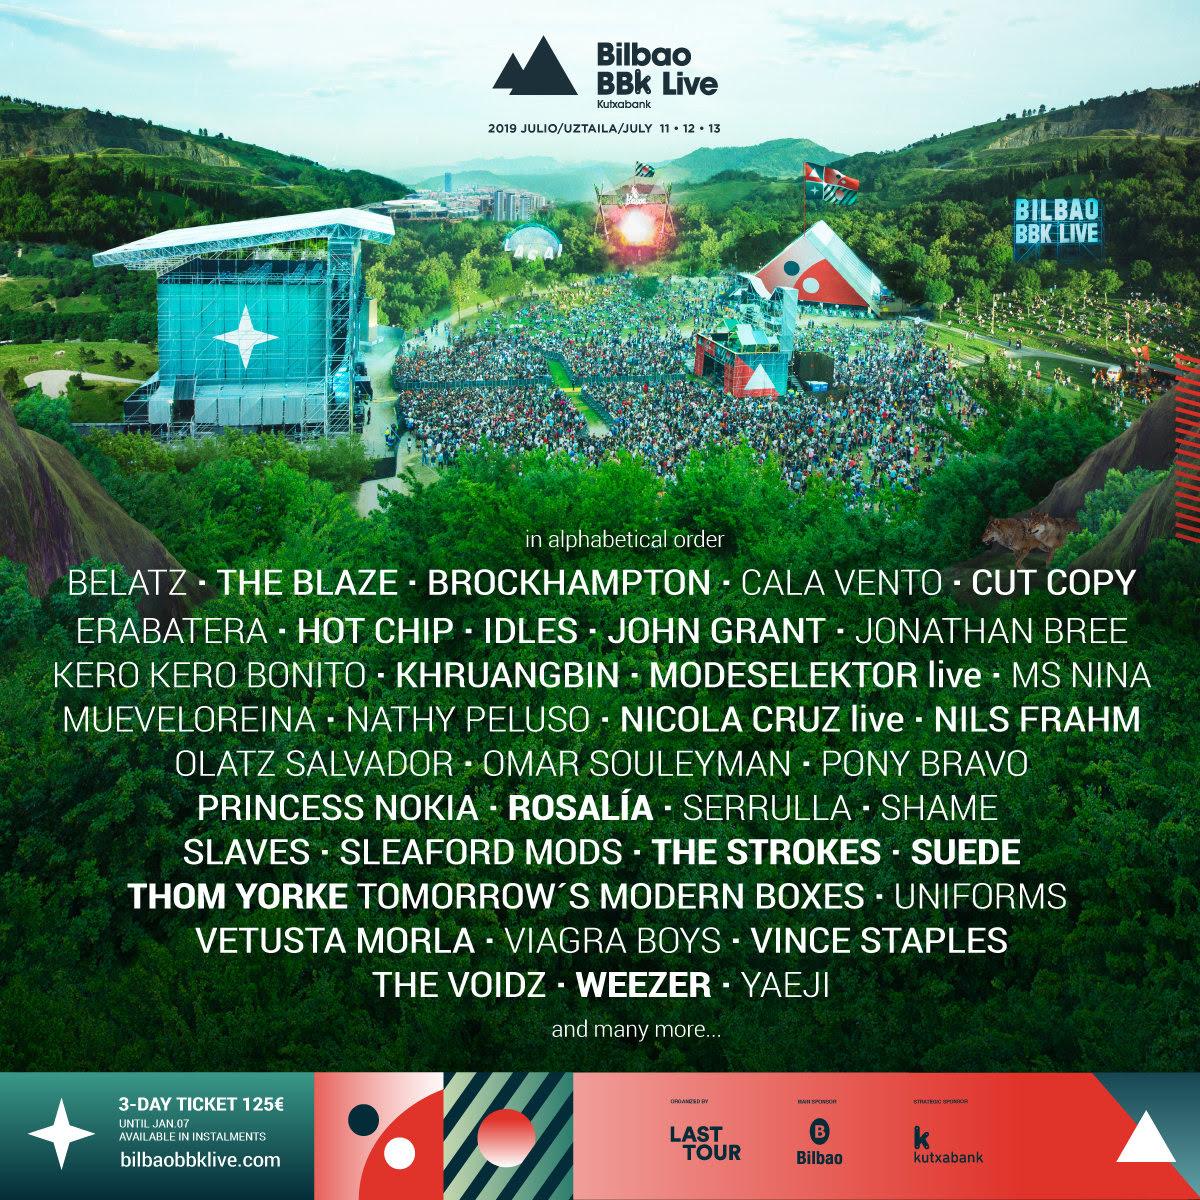 Bilbao BBK Live 2019 lineup